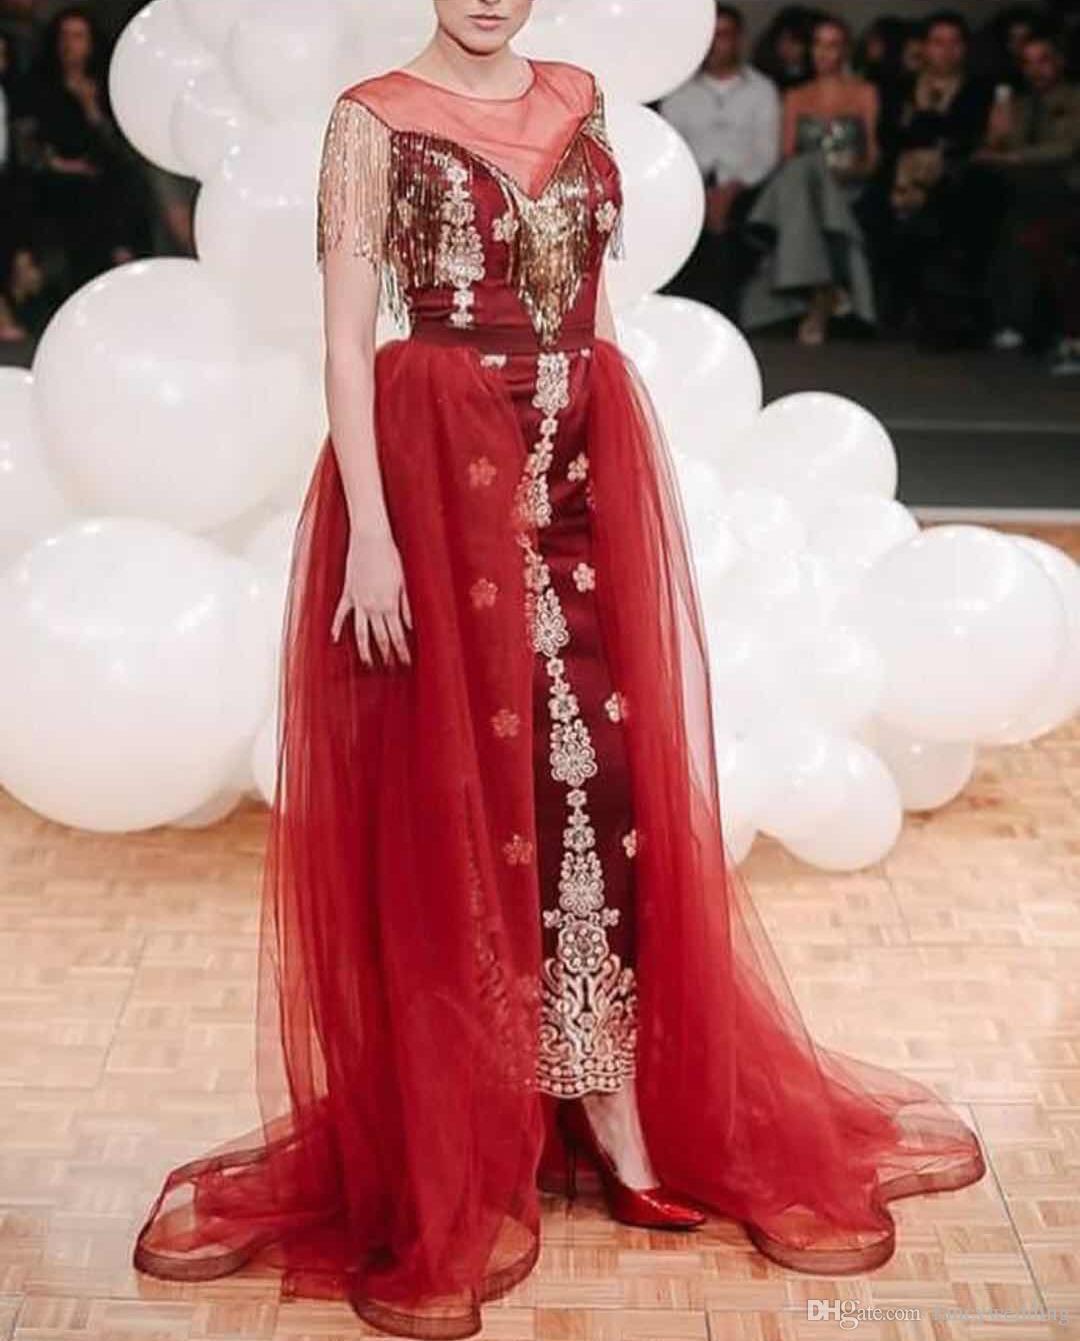 Bijou pure arabe appliques tulle gland rouge train de balayage niveaux élégante robe de soirée glamour occasion spéciale robe